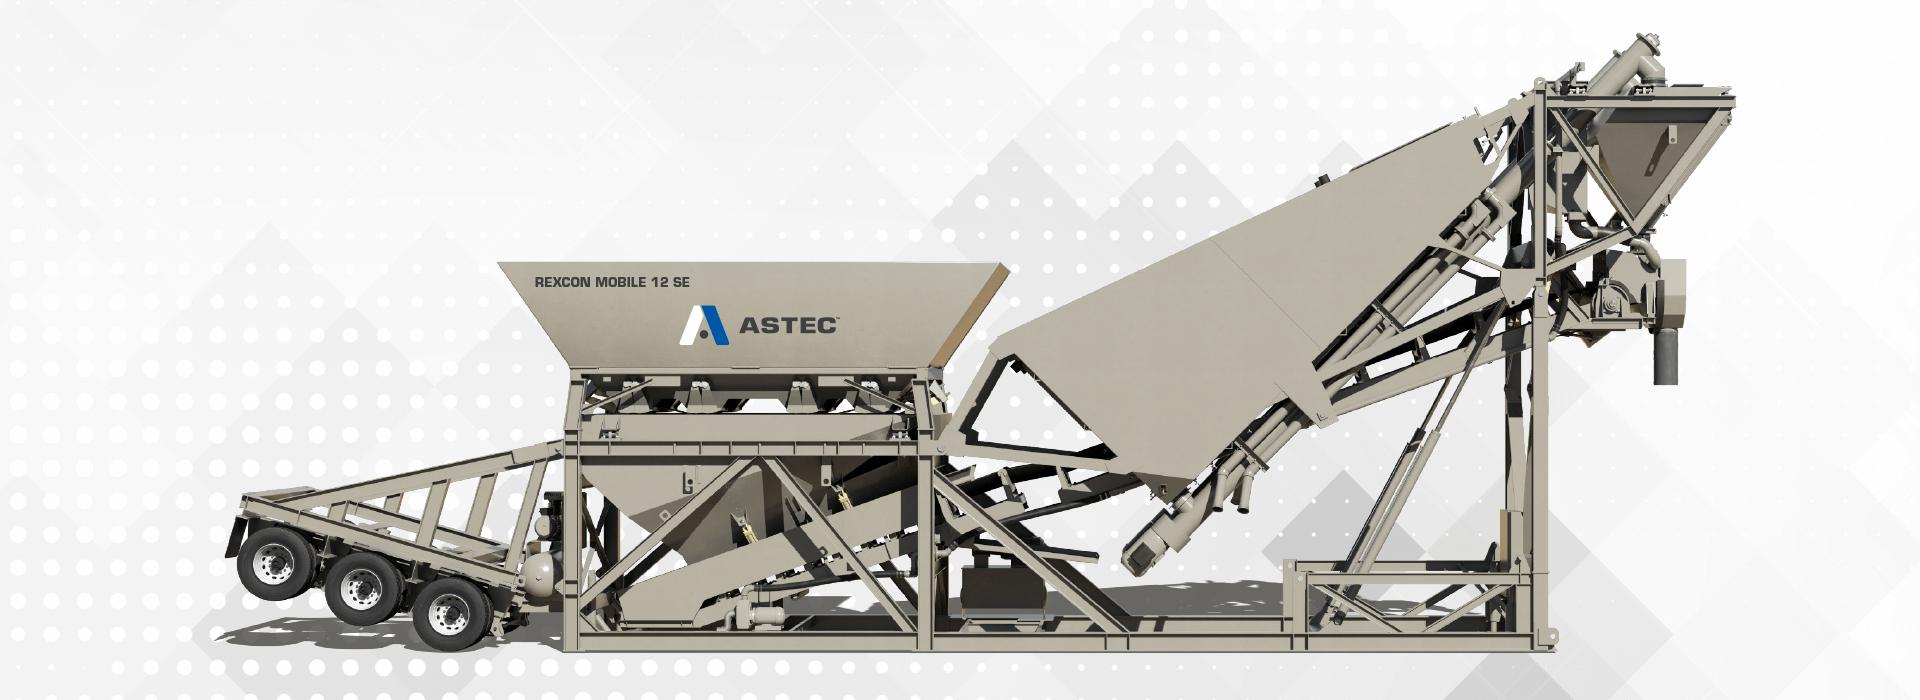 Astec Rexcon Mobile 12SE